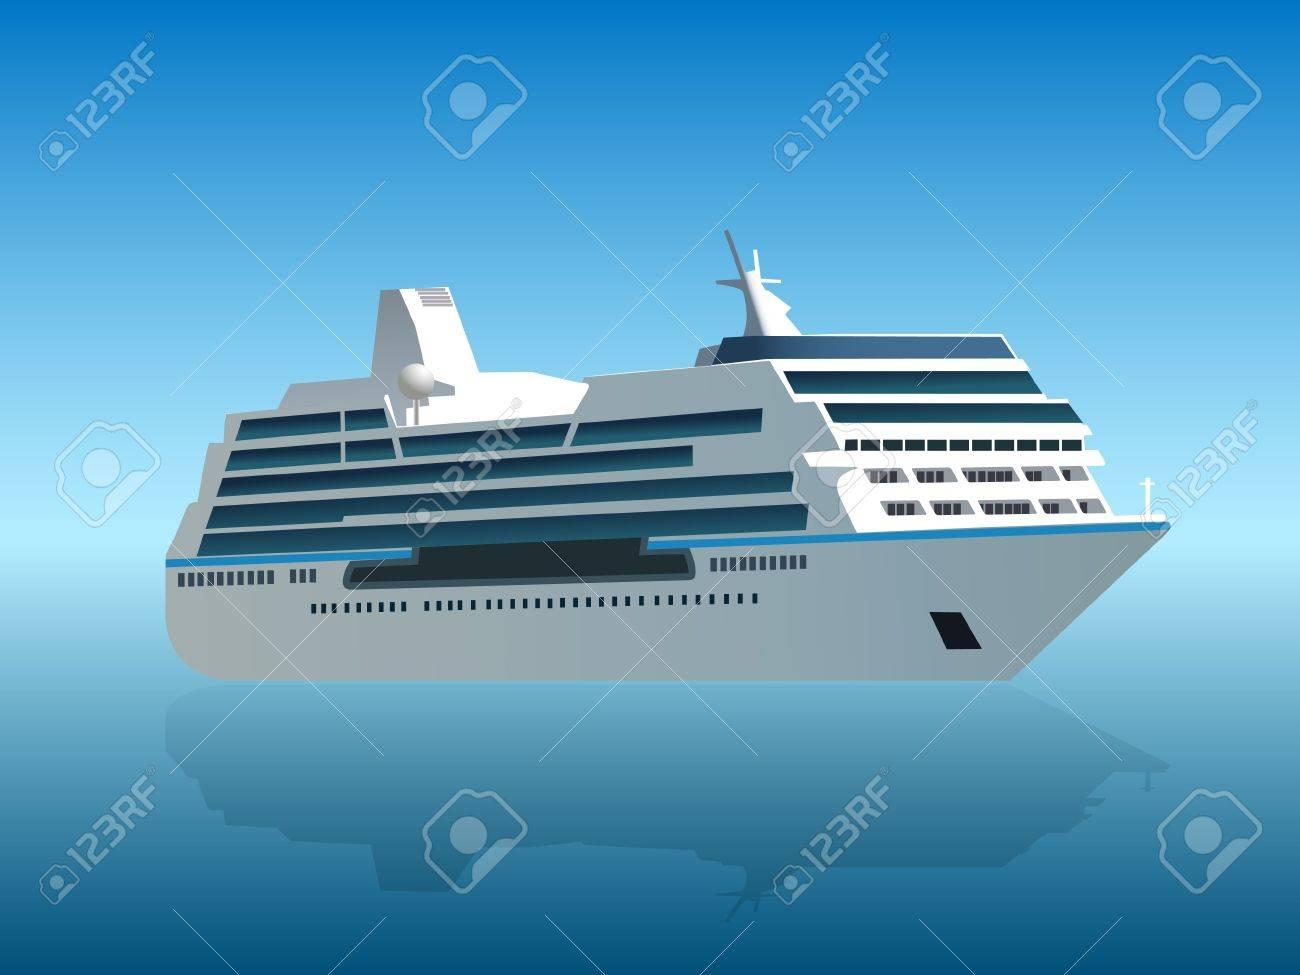 cruise ship - 9231796